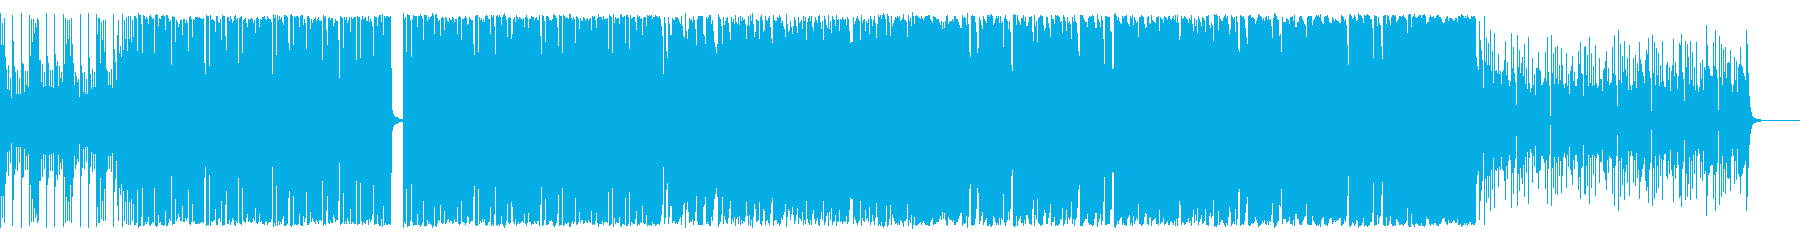 どたばたコミカル系ですの再生済みの波形